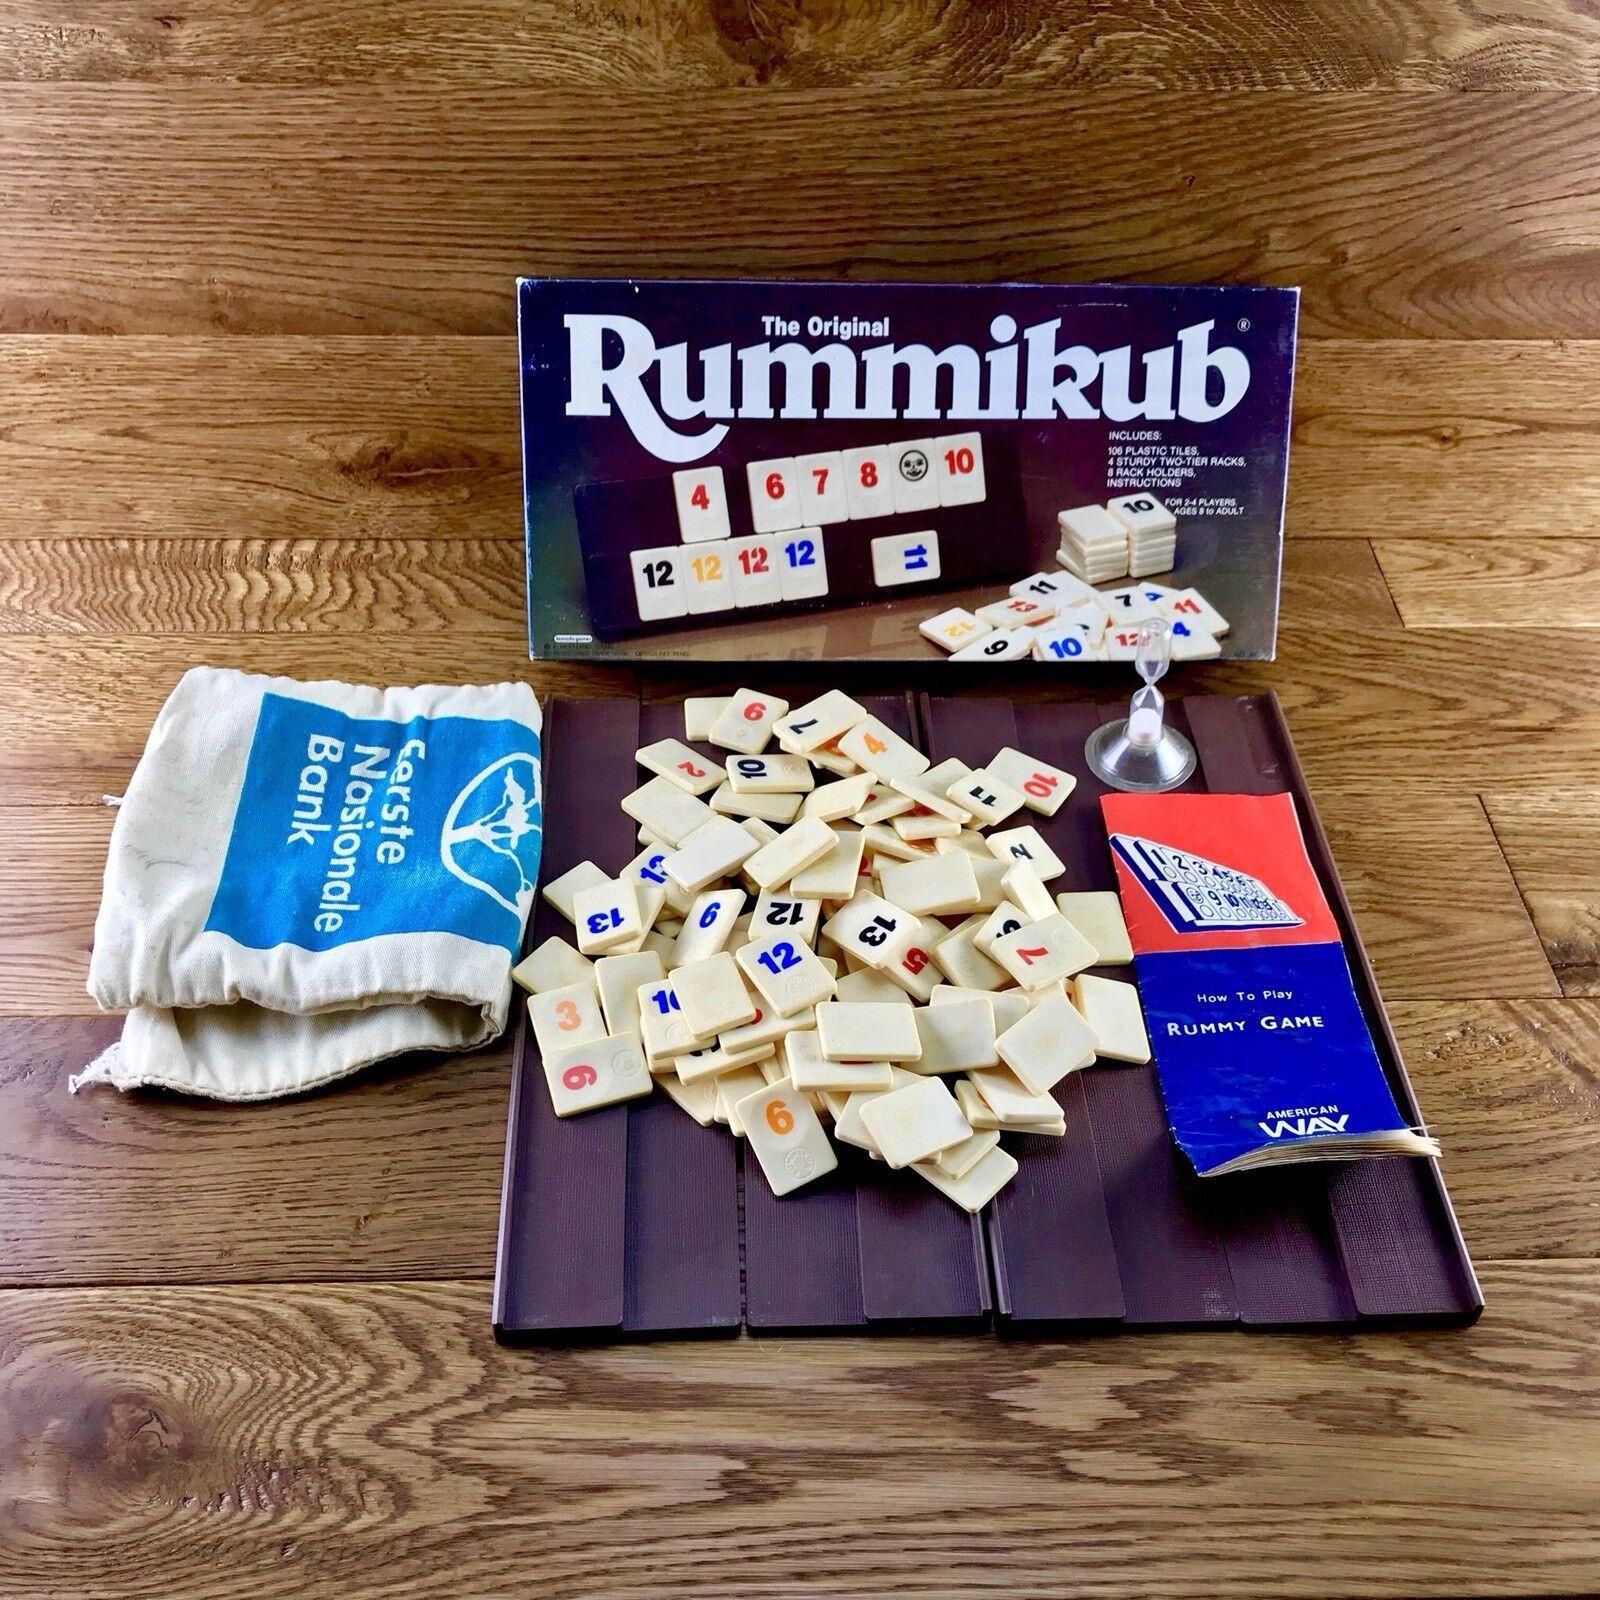 Sehr seltene vintage echte original rummikub braun box lemada spiele fliesen